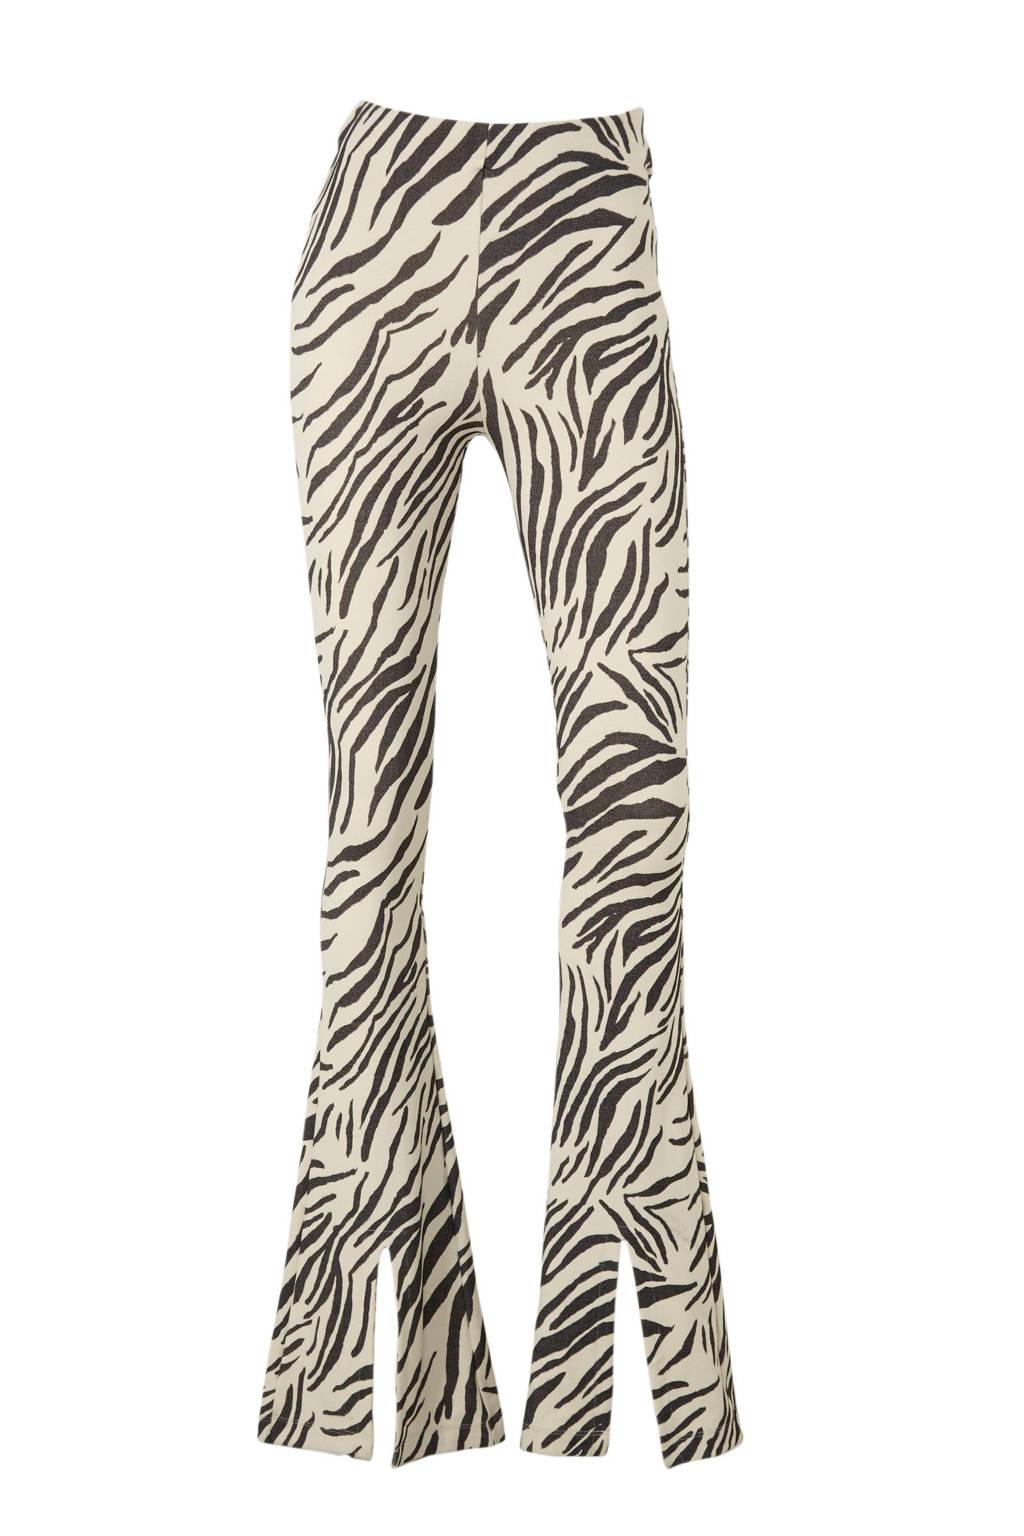 Catwalk Junkie high waist flared broek met zebraprint wit/zwart, Wit/zwart